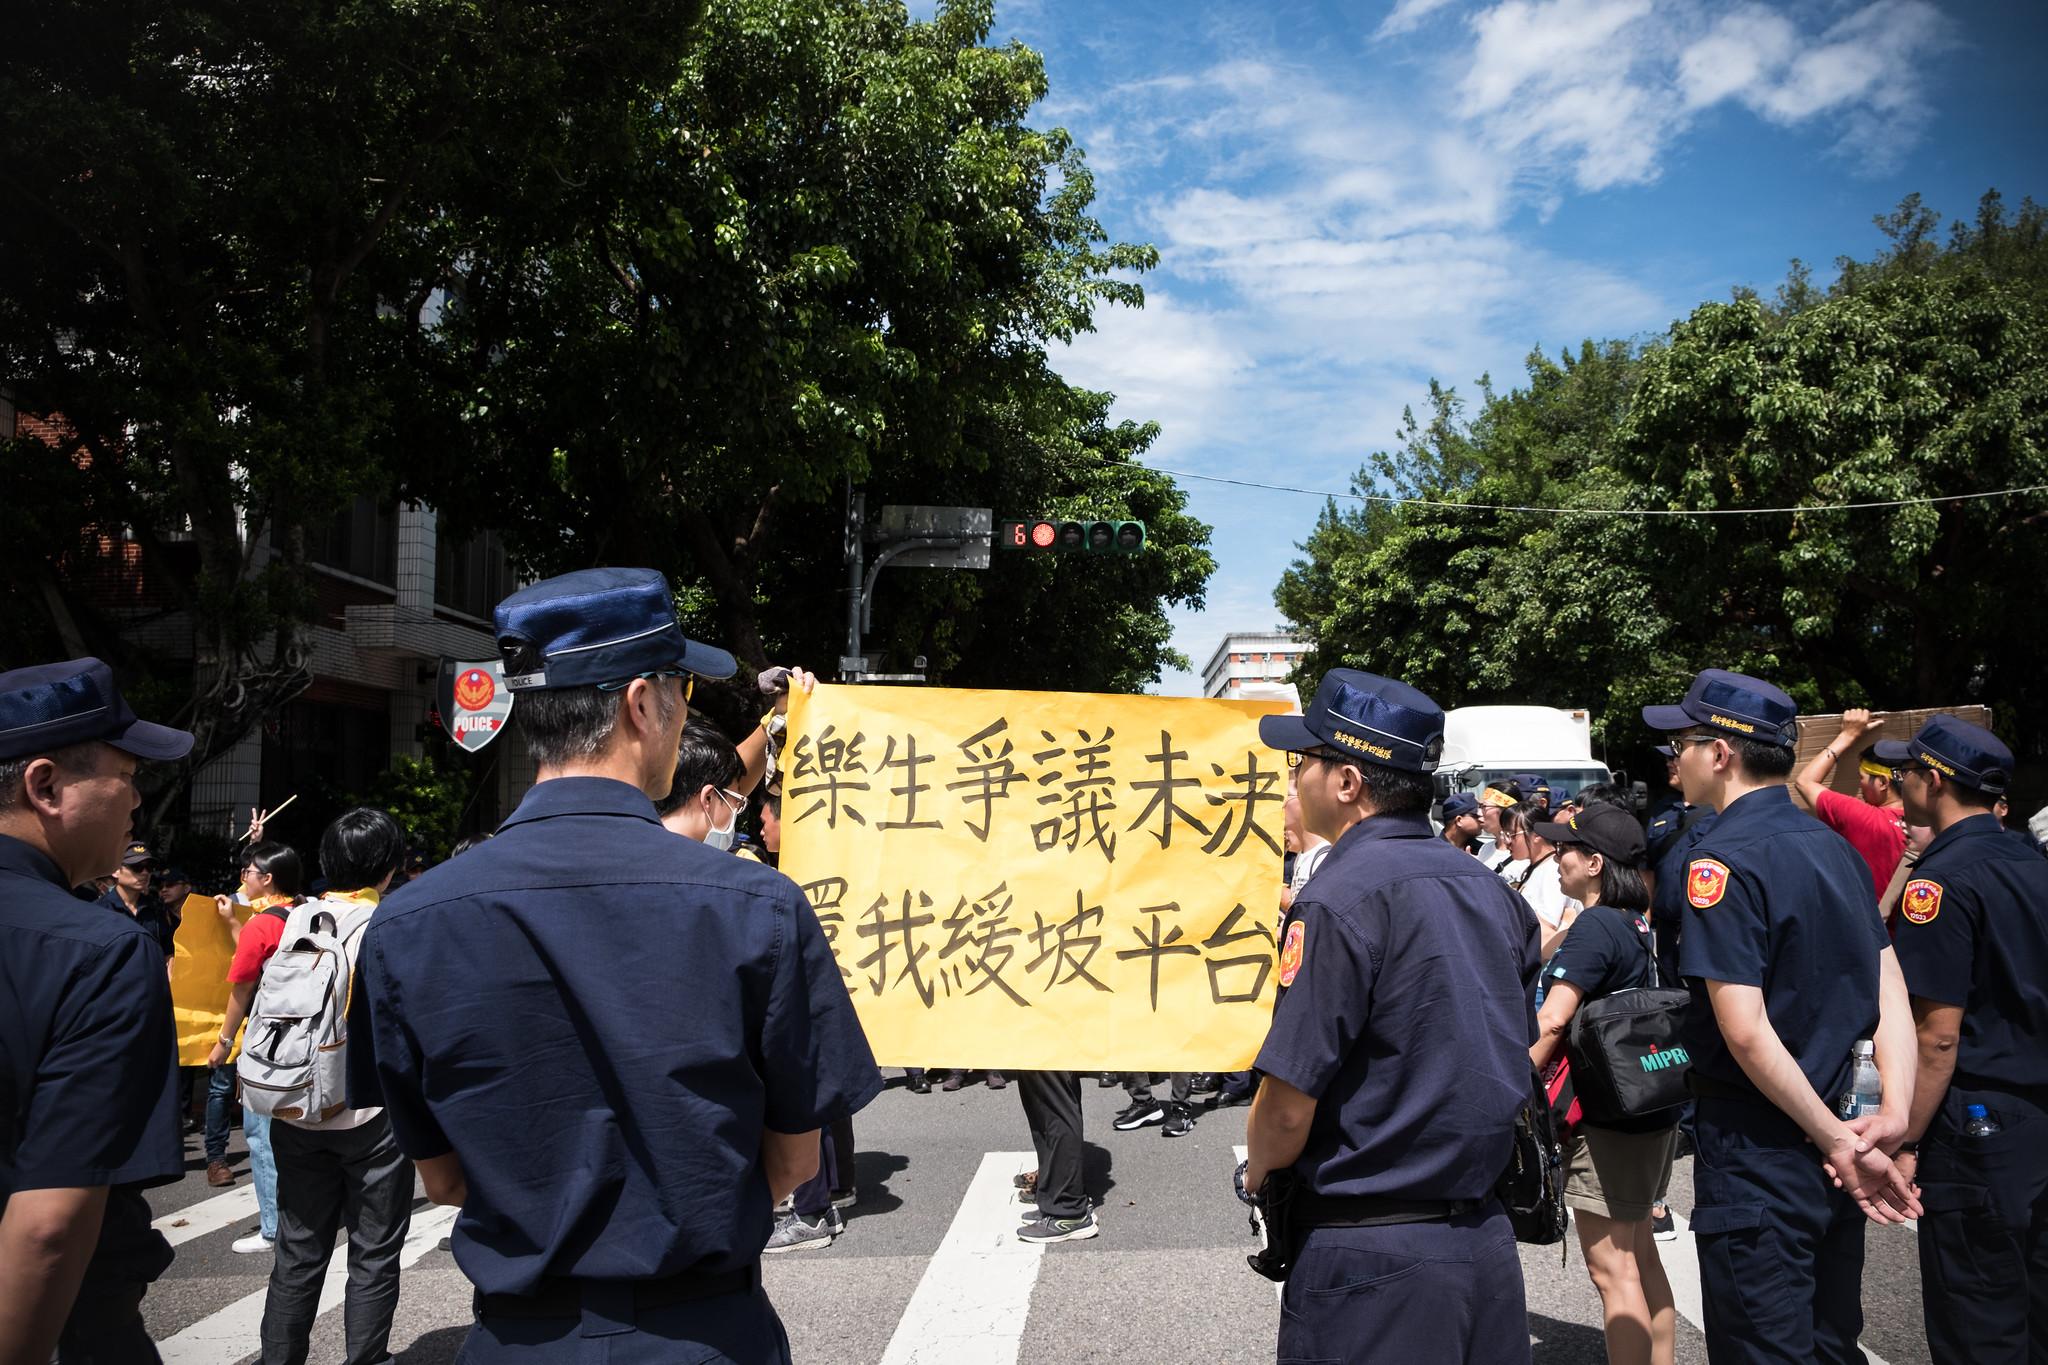 隊伍由台北賓館出發,旋即被警力圍困在蛇籠前。(攝影:唐佐欣)